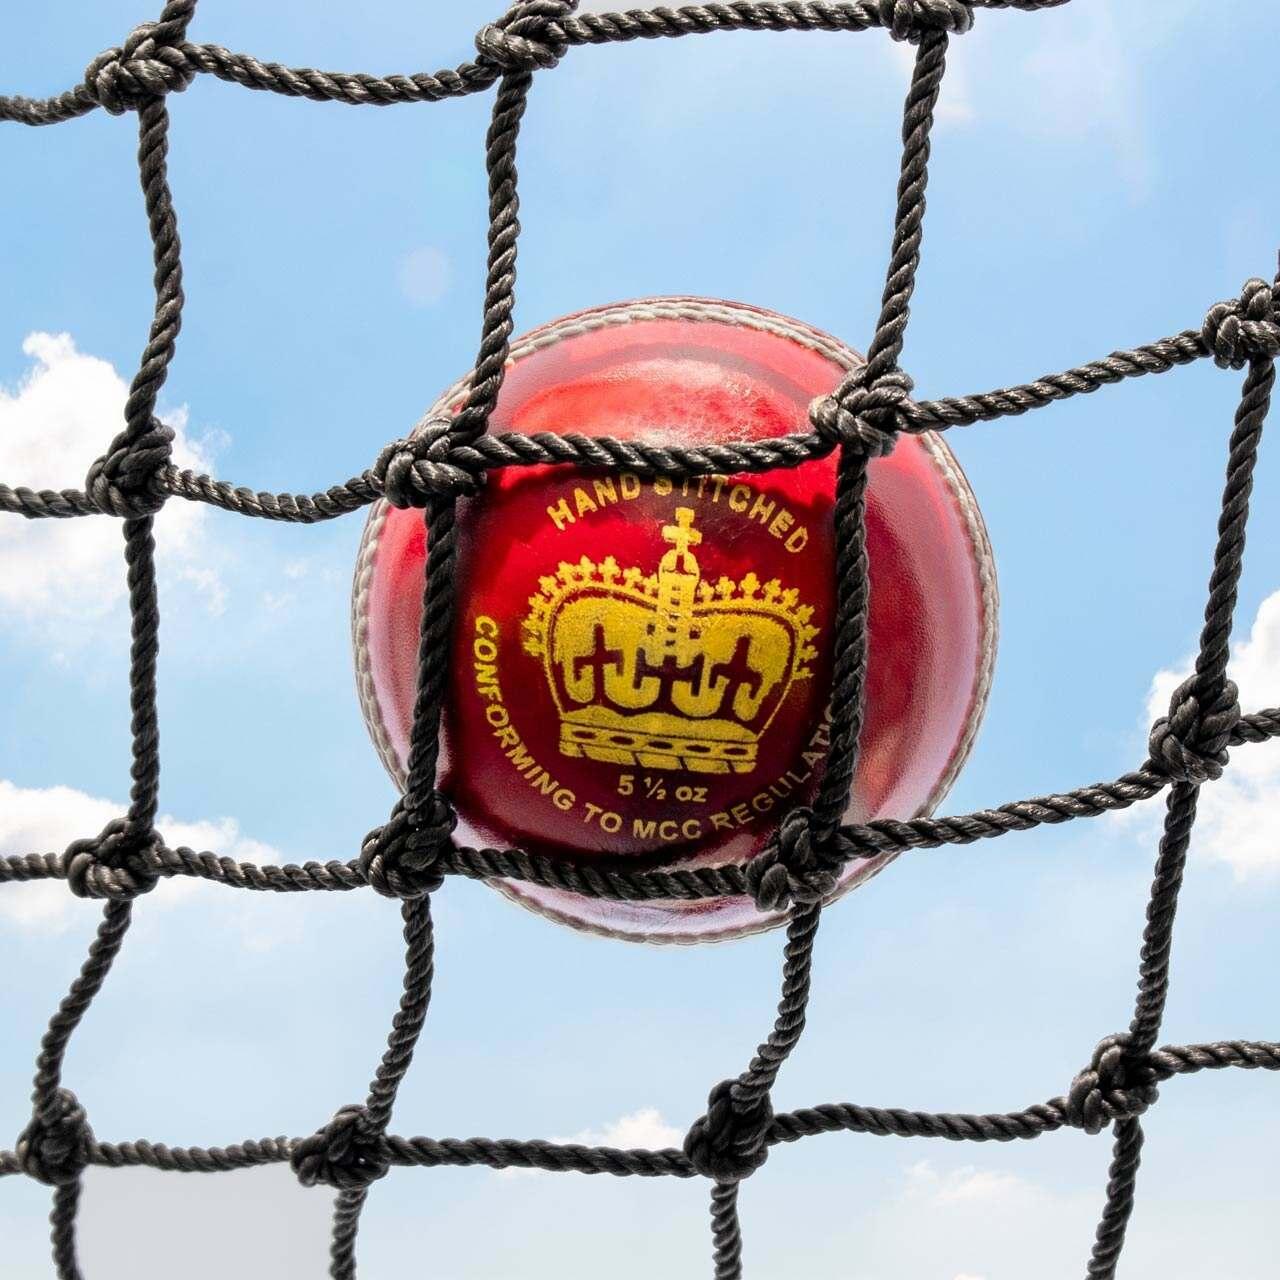 Red de cricket ultra duradera [A medida]